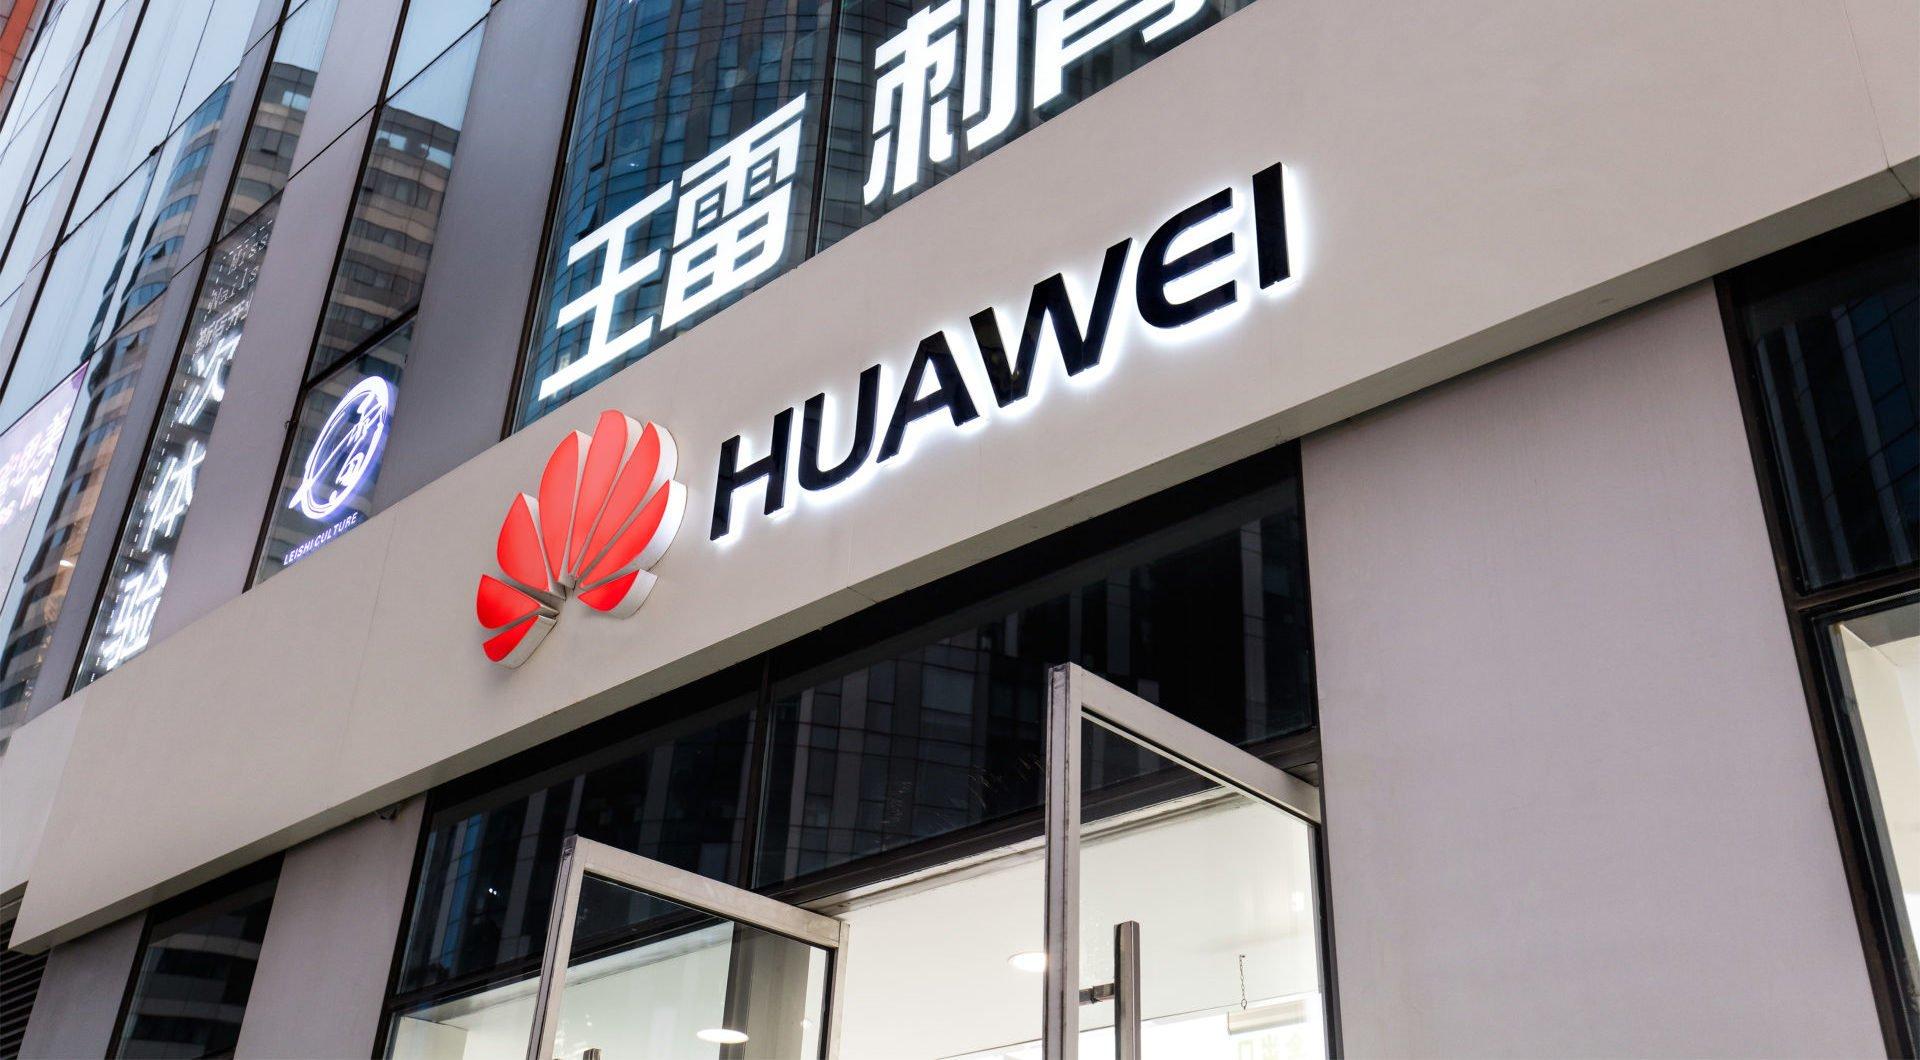 Huawei разработает дорогу, которая будет «разговаривать» с беспилотниками